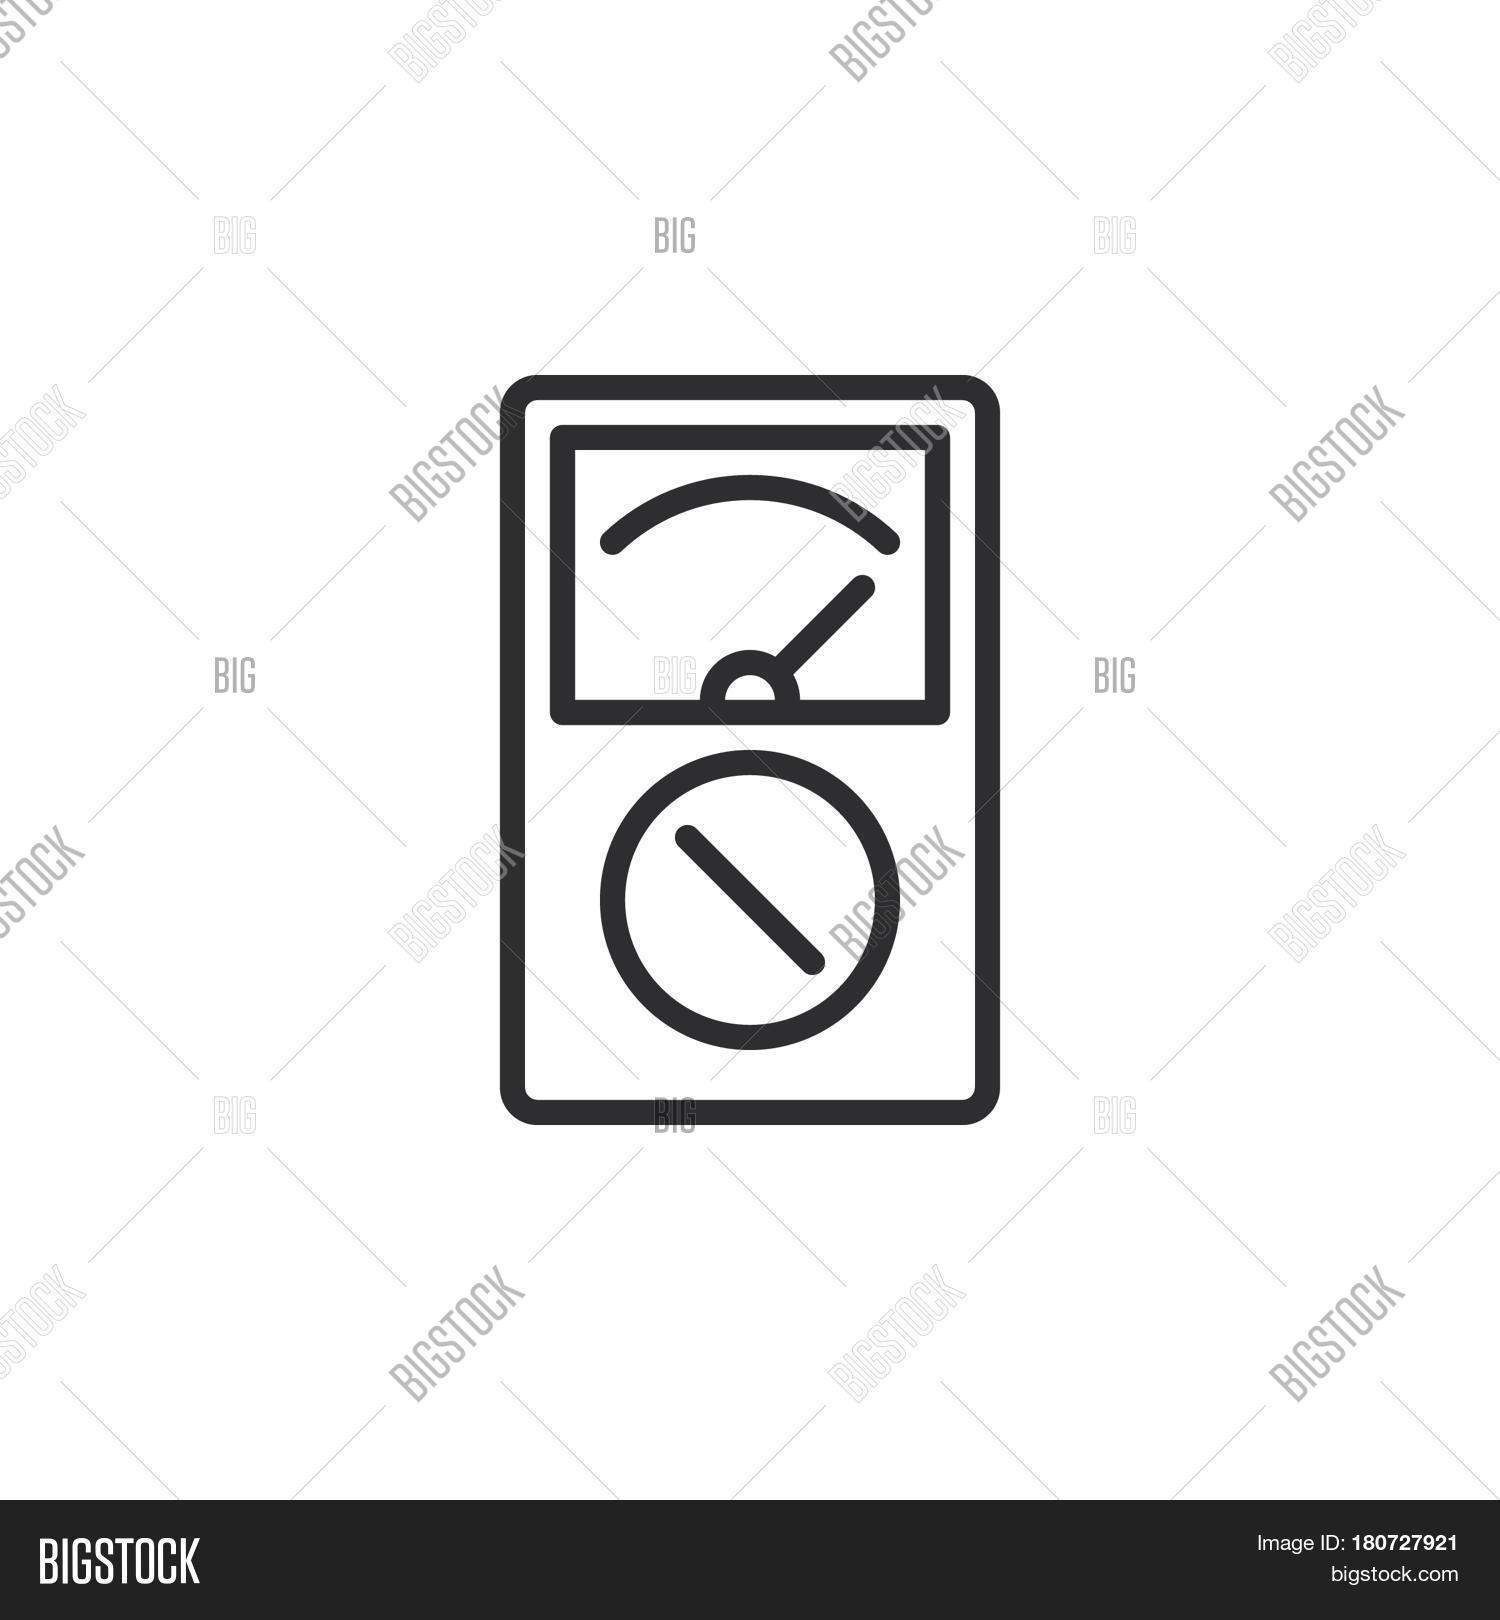 Analog multimeter line icon vector photo bigstock analog multimeter line icon outline vector sign linear style pictogram isolated on white symbol logo buycottarizona